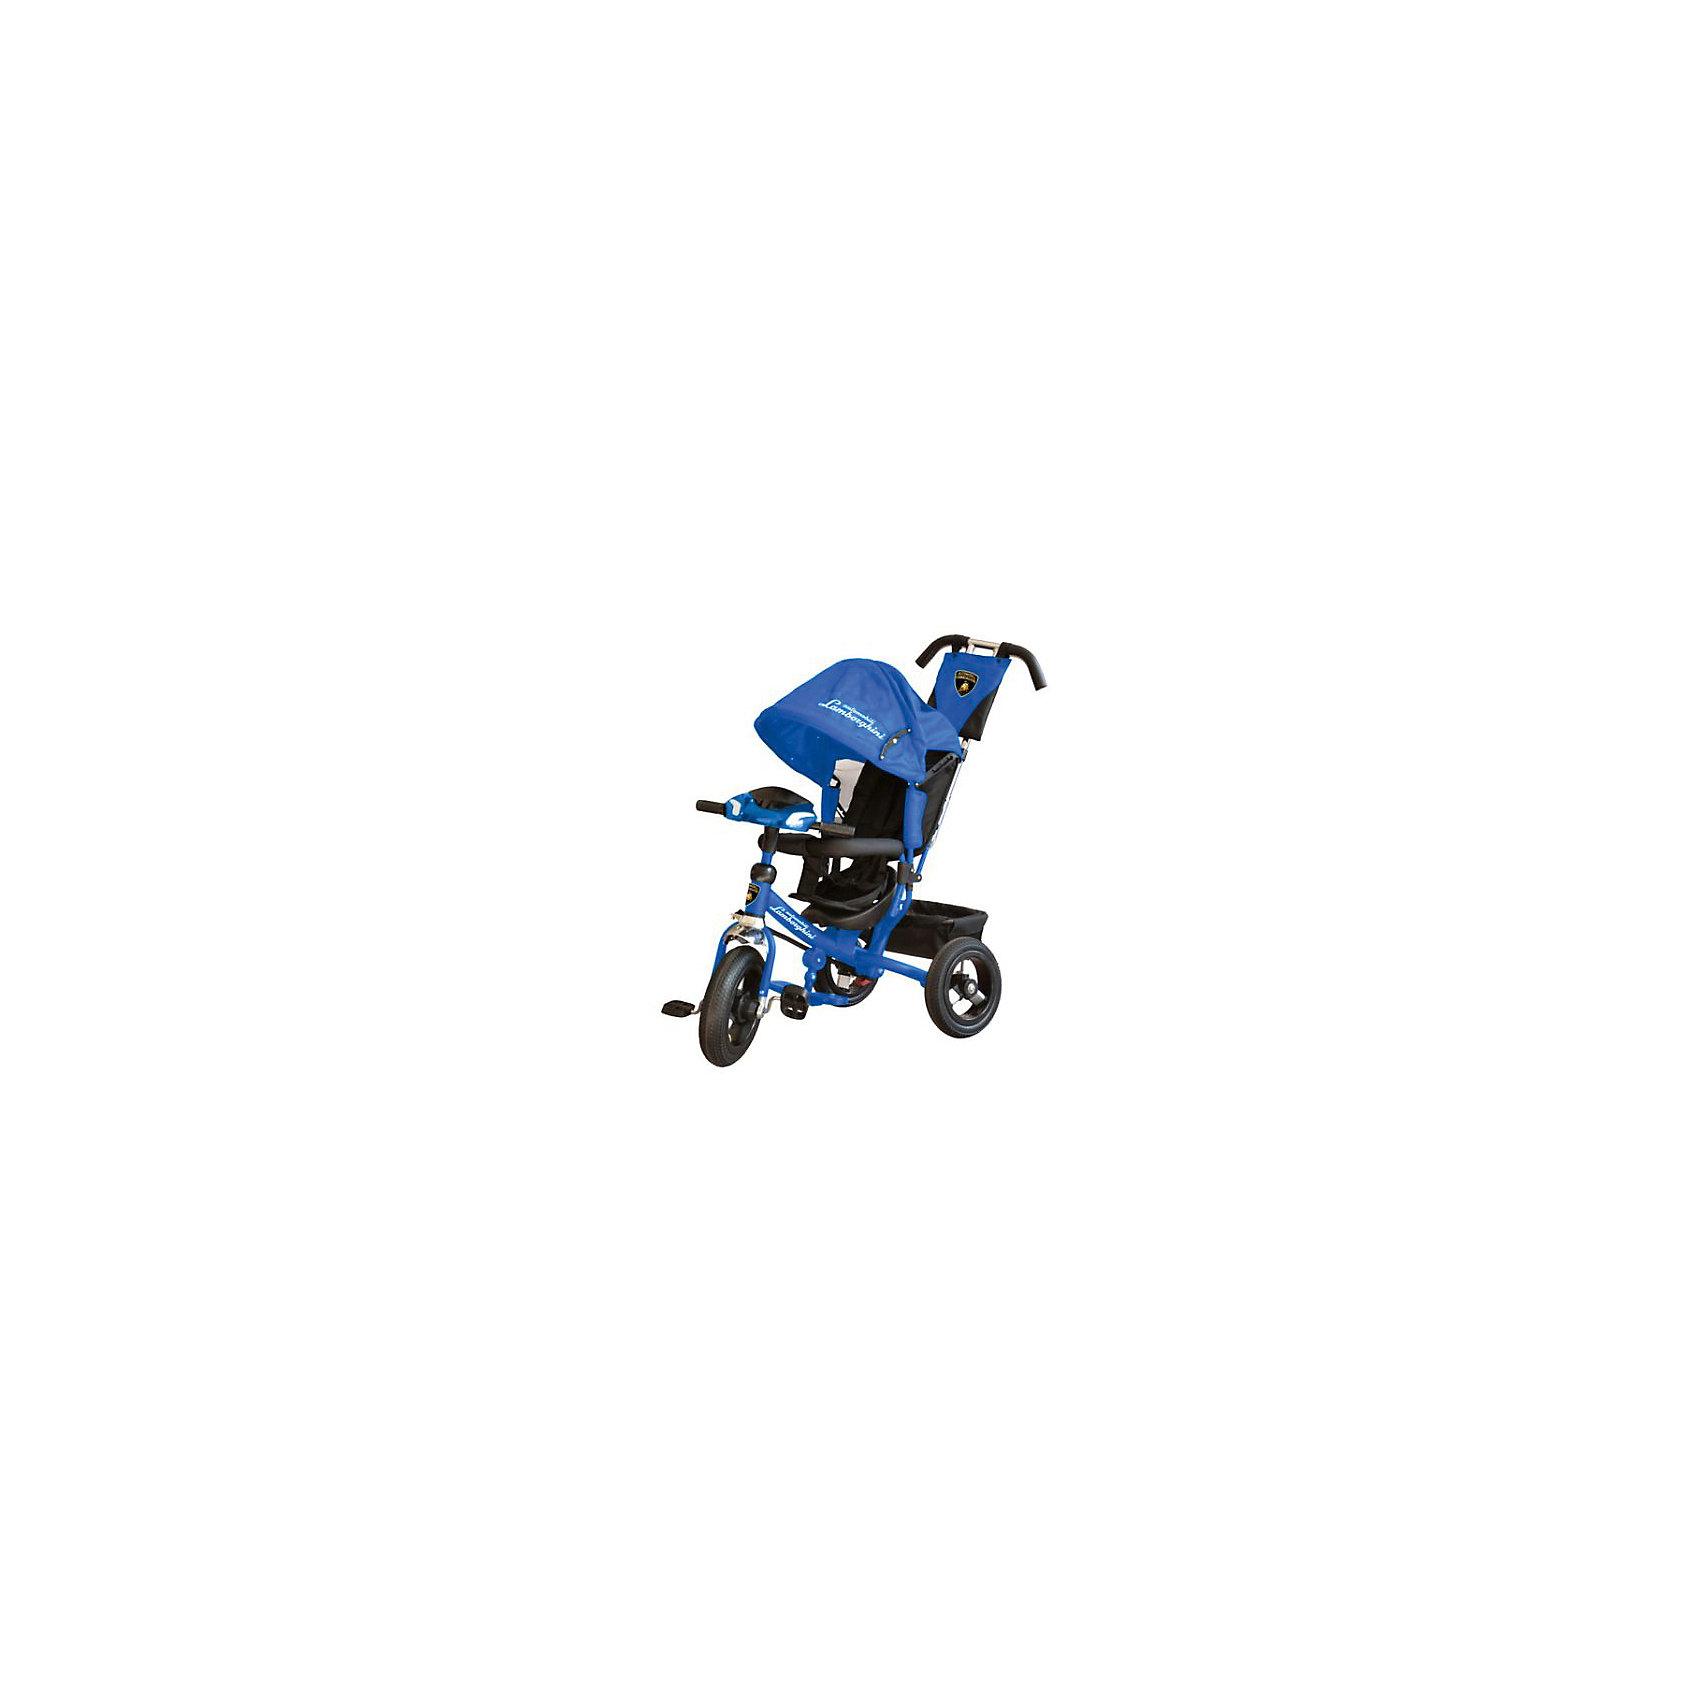 Трехколесный велосипед, синий, LamborghiniВелосипеды детские<br><br><br>Ширина мм: 660<br>Глубина мм: 380<br>Высота мм: 420<br>Вес г: 16000<br>Возраст от месяцев: 12<br>Возраст до месяцев: 48<br>Пол: Унисекс<br>Возраст: Детский<br>SKU: 6768036